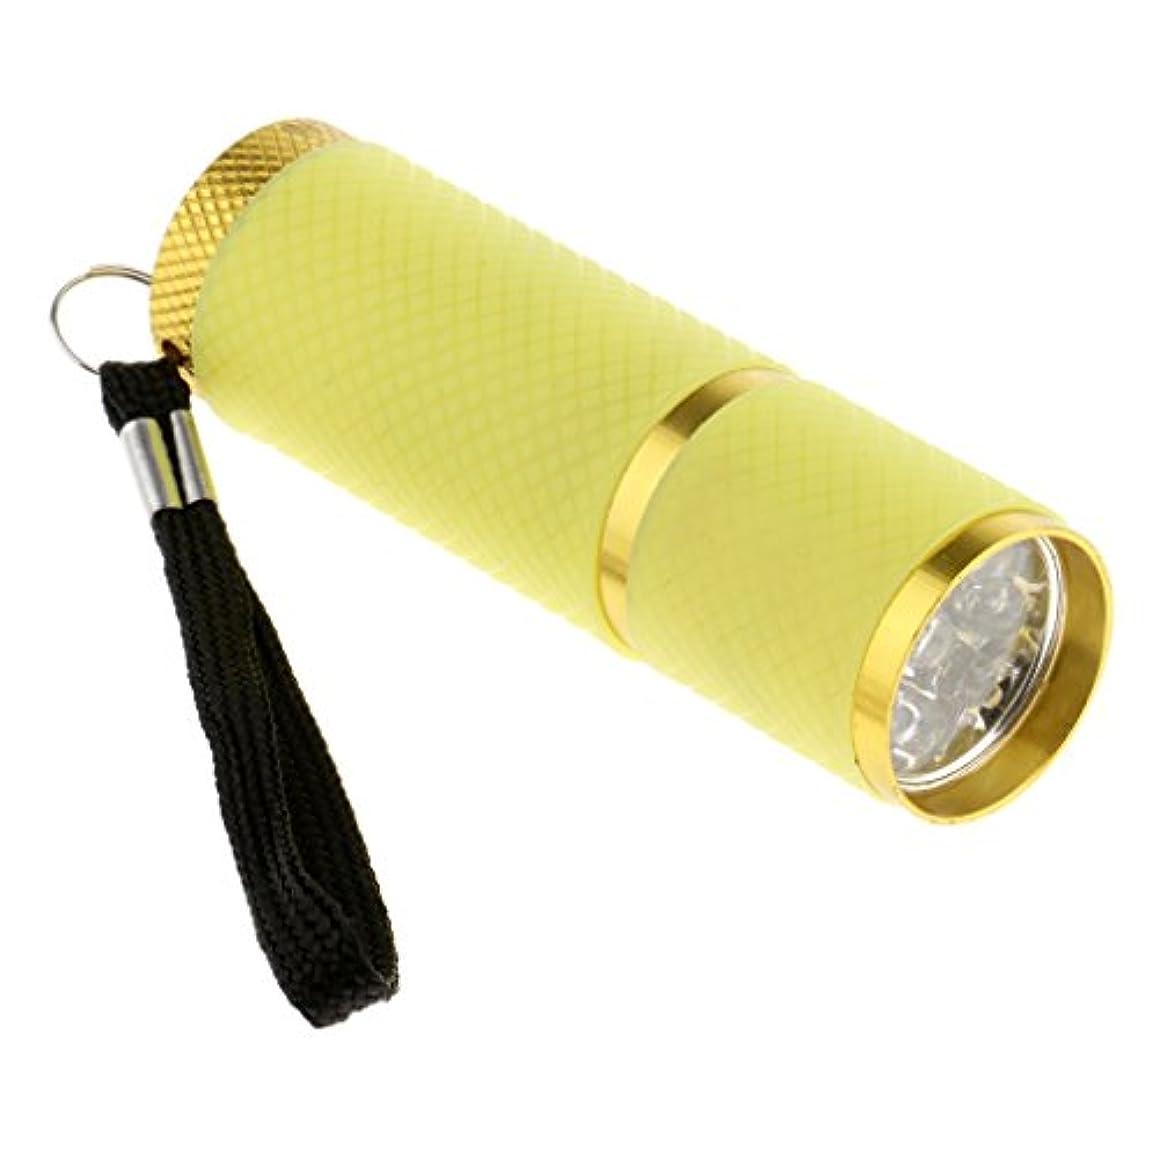 流用する地雷原拒絶Homyl ネイルドライヤー ミニ 9 LED  4.5V  ドライヤー 手と足 両方に使用 UV プロ ネイルサロン 家庭用 4色選べ - 黄